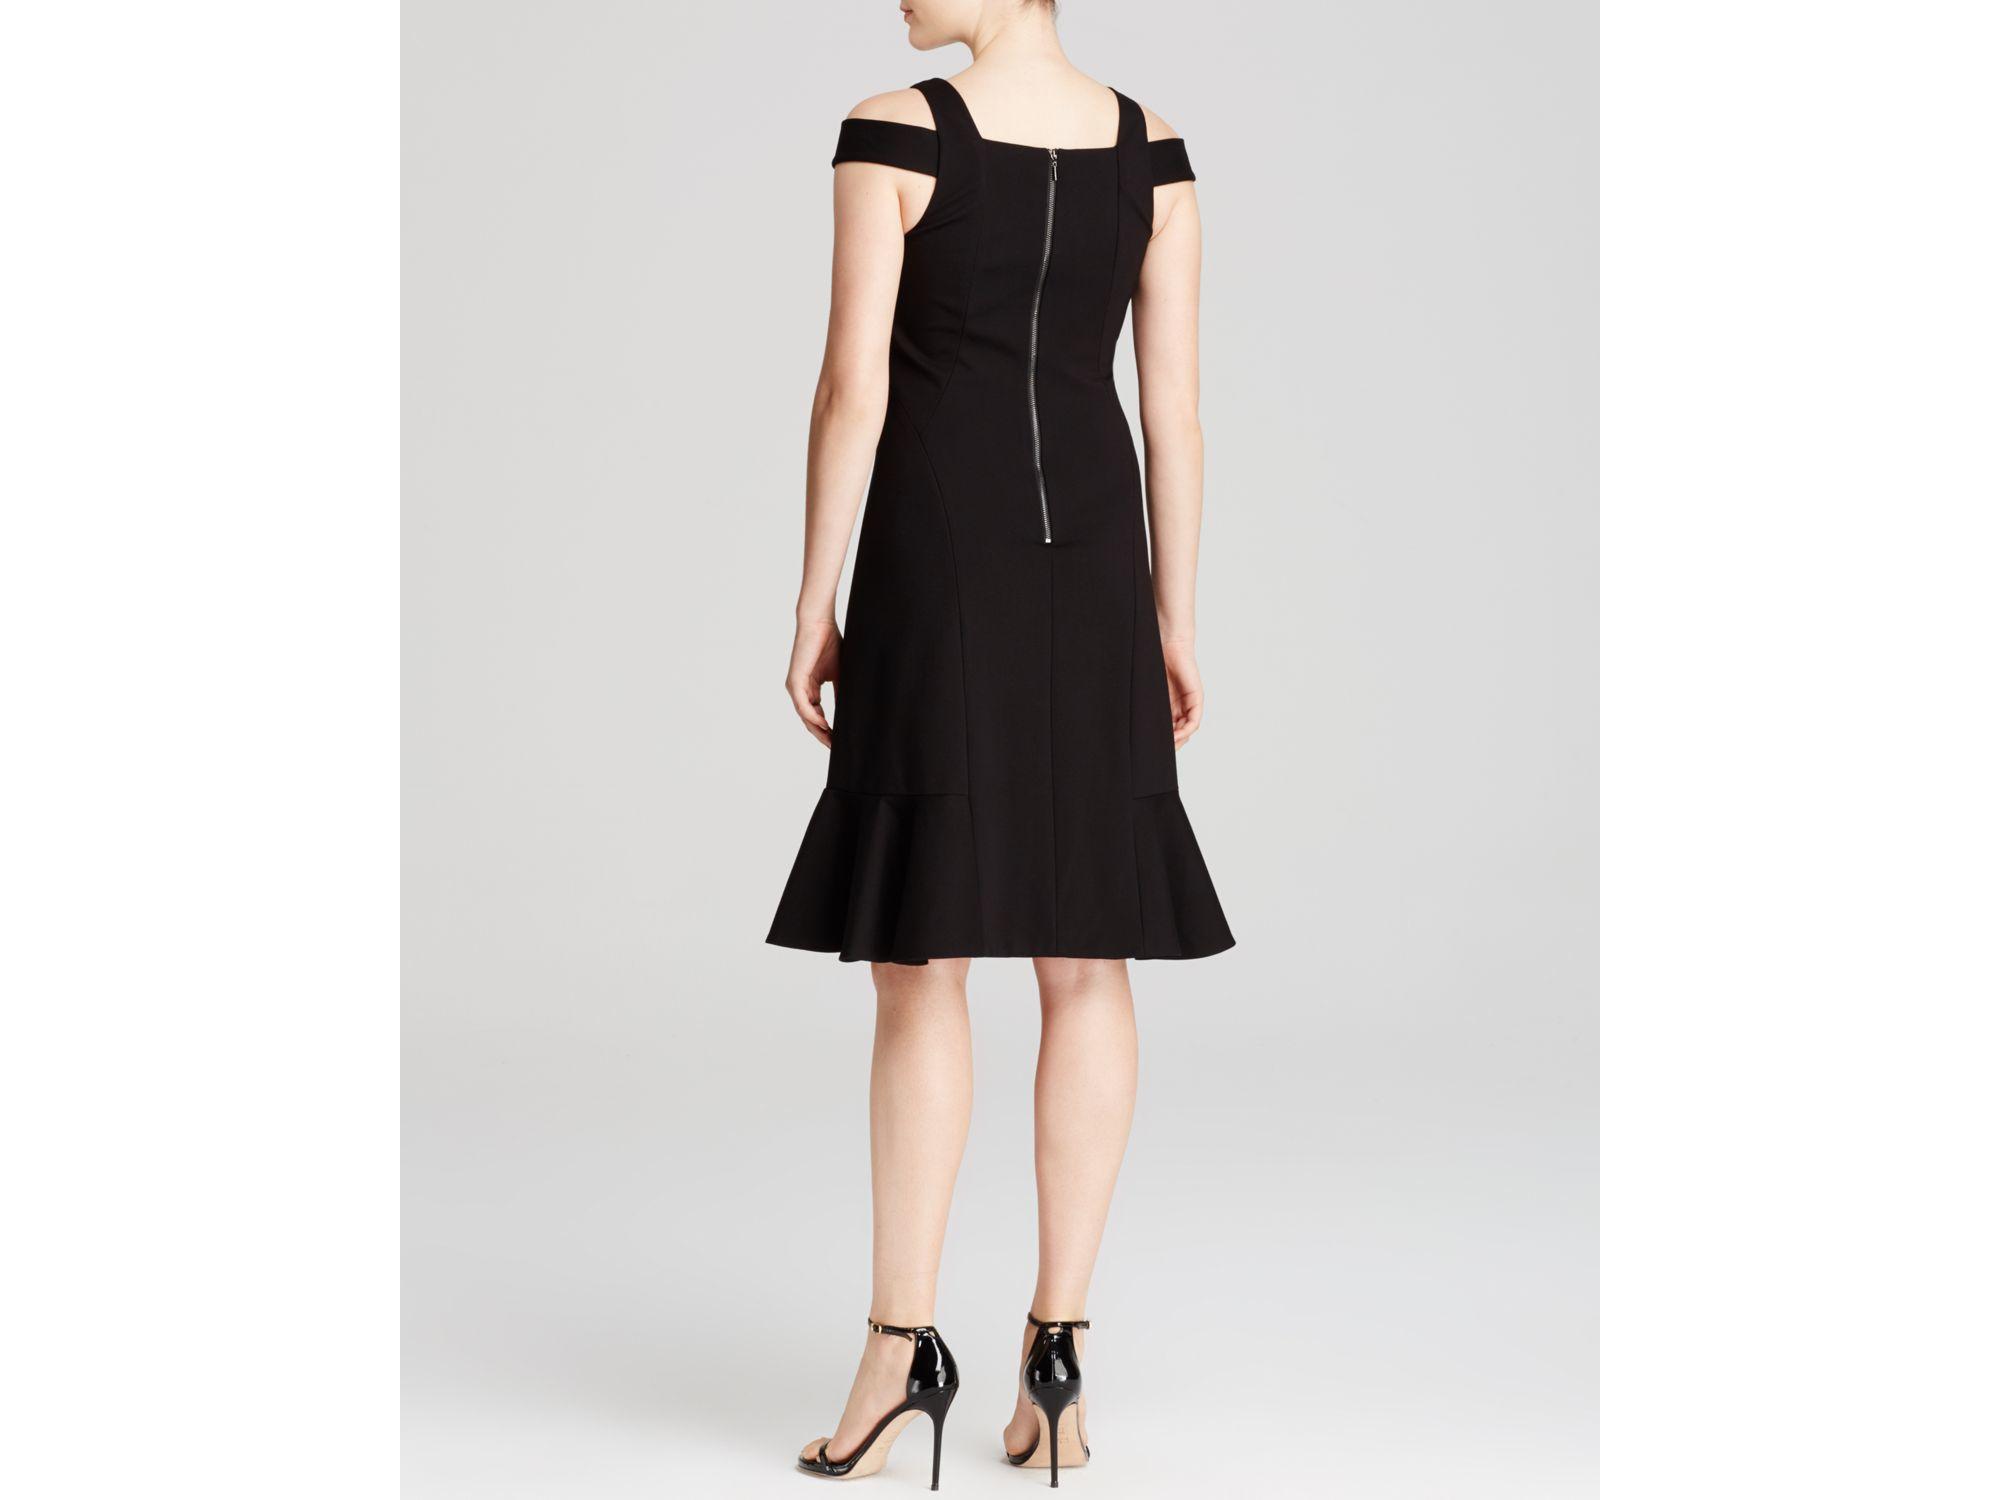 Rebecca taylor Cold Shoulder Dress in Black